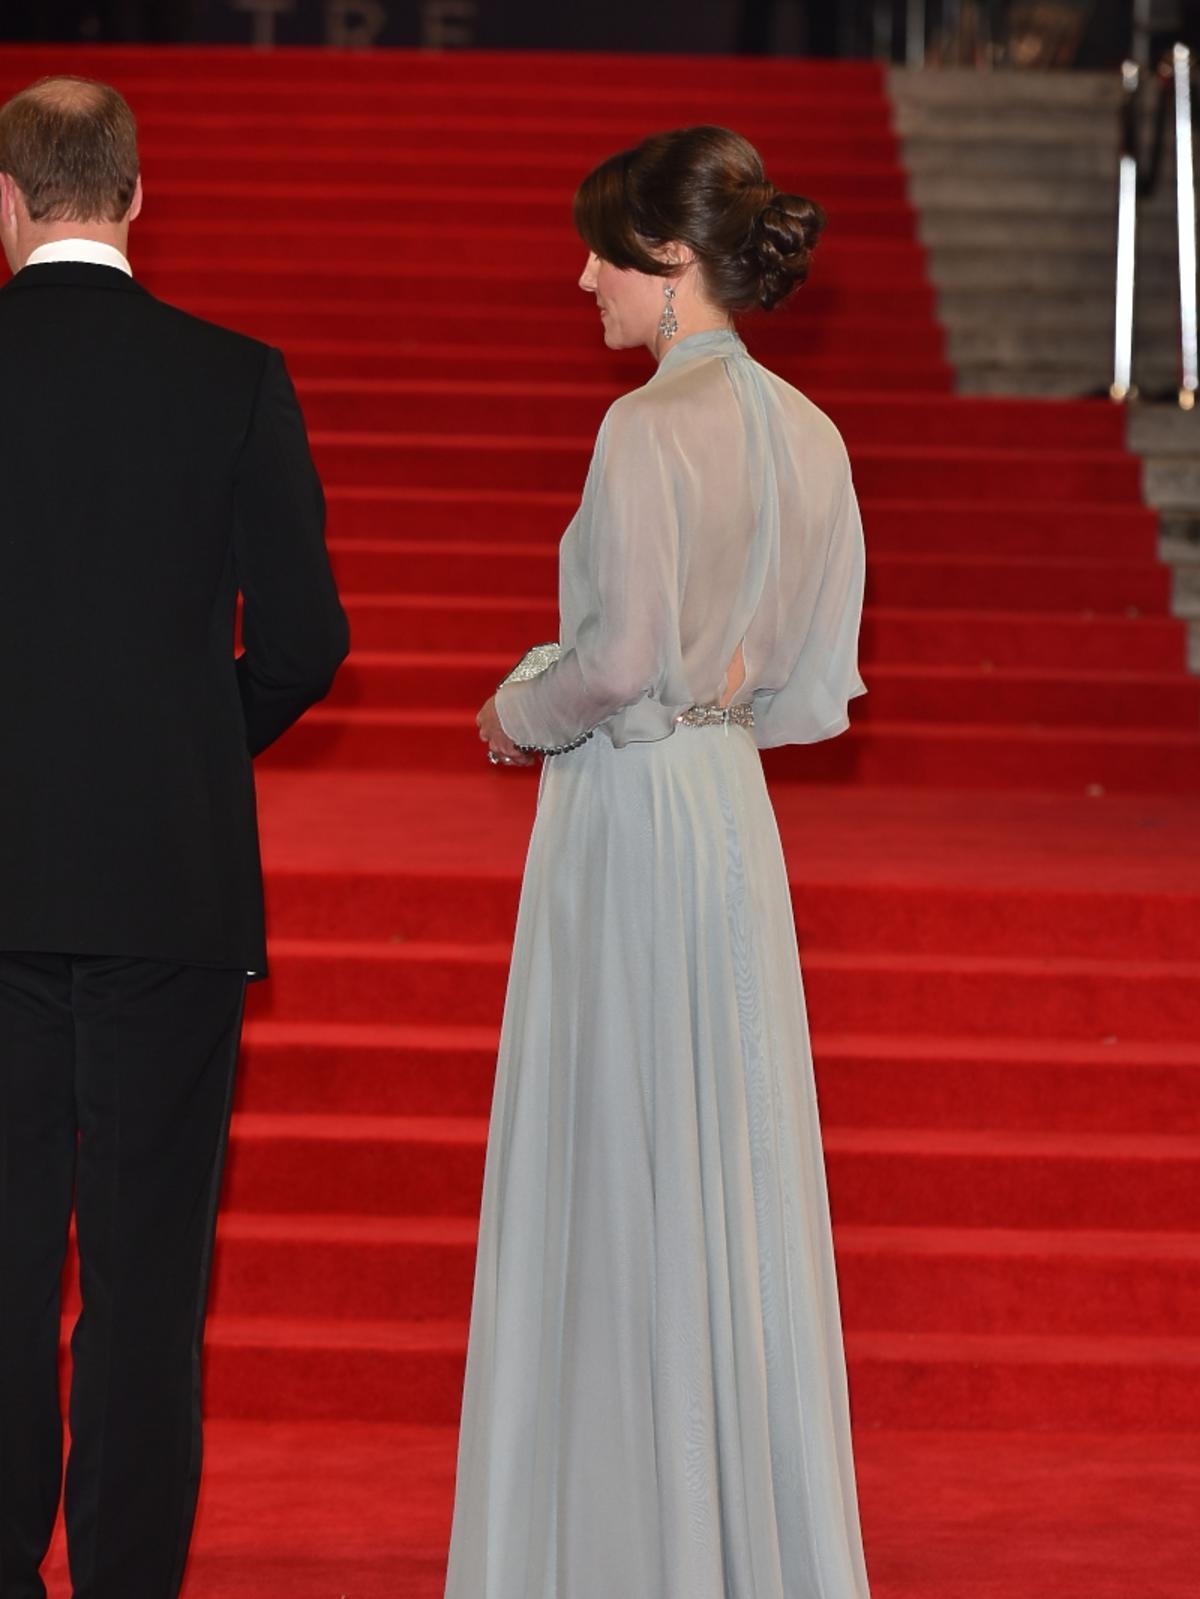 Księżna Kate w szarej sukni stoi tyłem